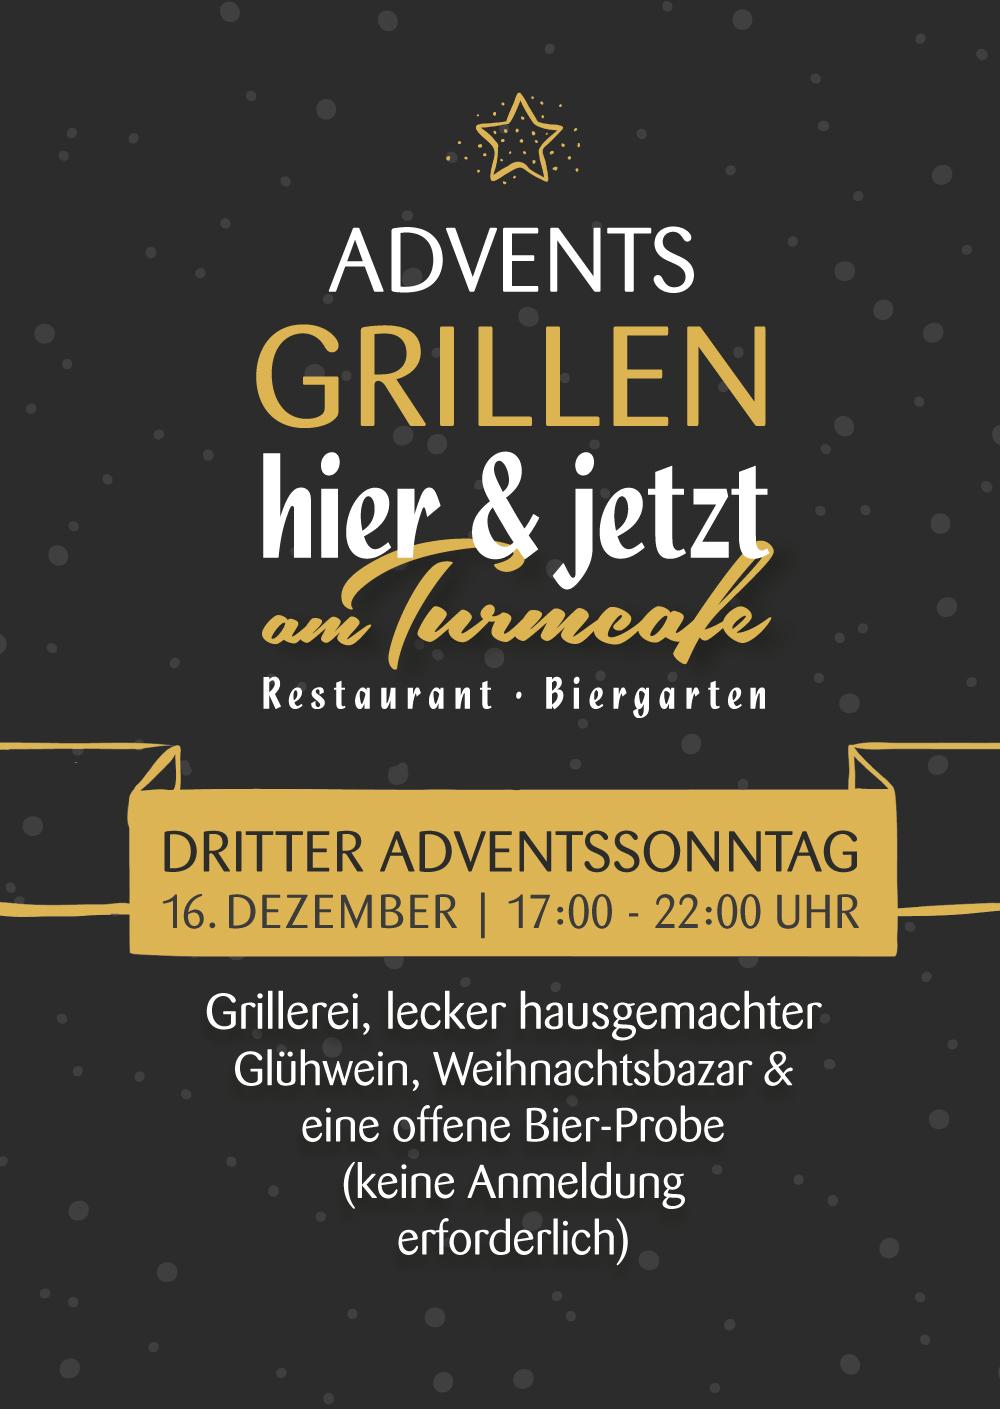 Adventsgrillen im Biergarten Restaurant hier und jetzt am Turmcafe